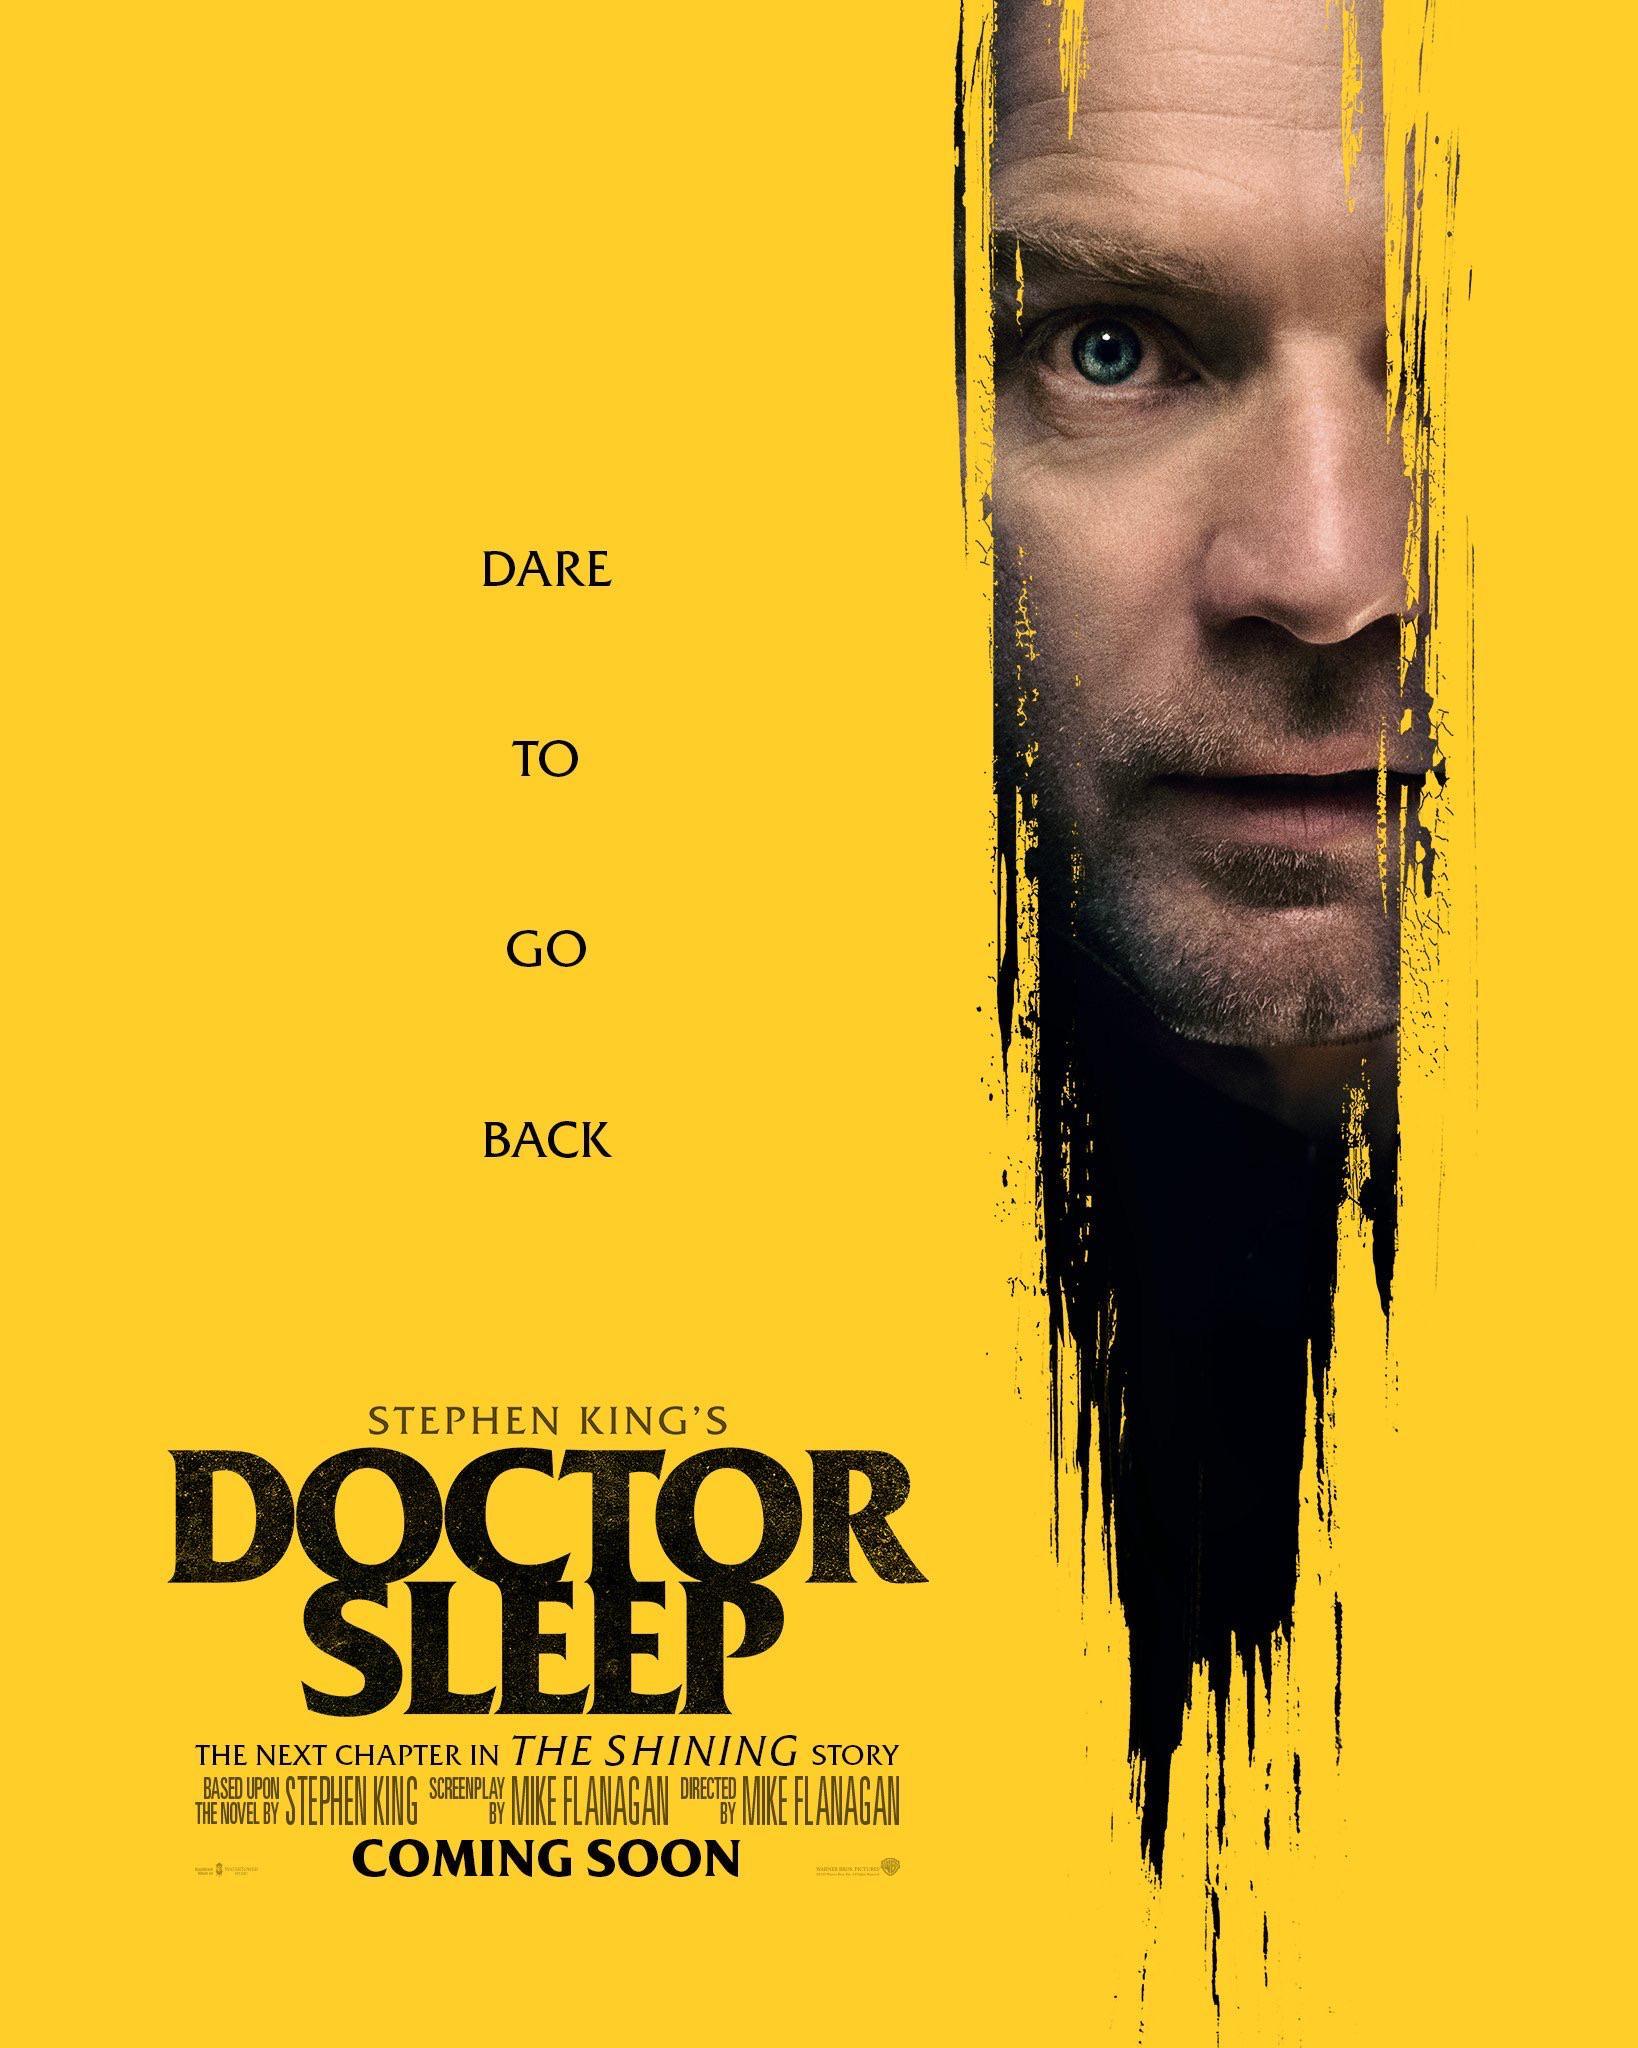 La película de terror Doctor Sleep te reta a regresar al Hotel Overlook con pósters promocionales